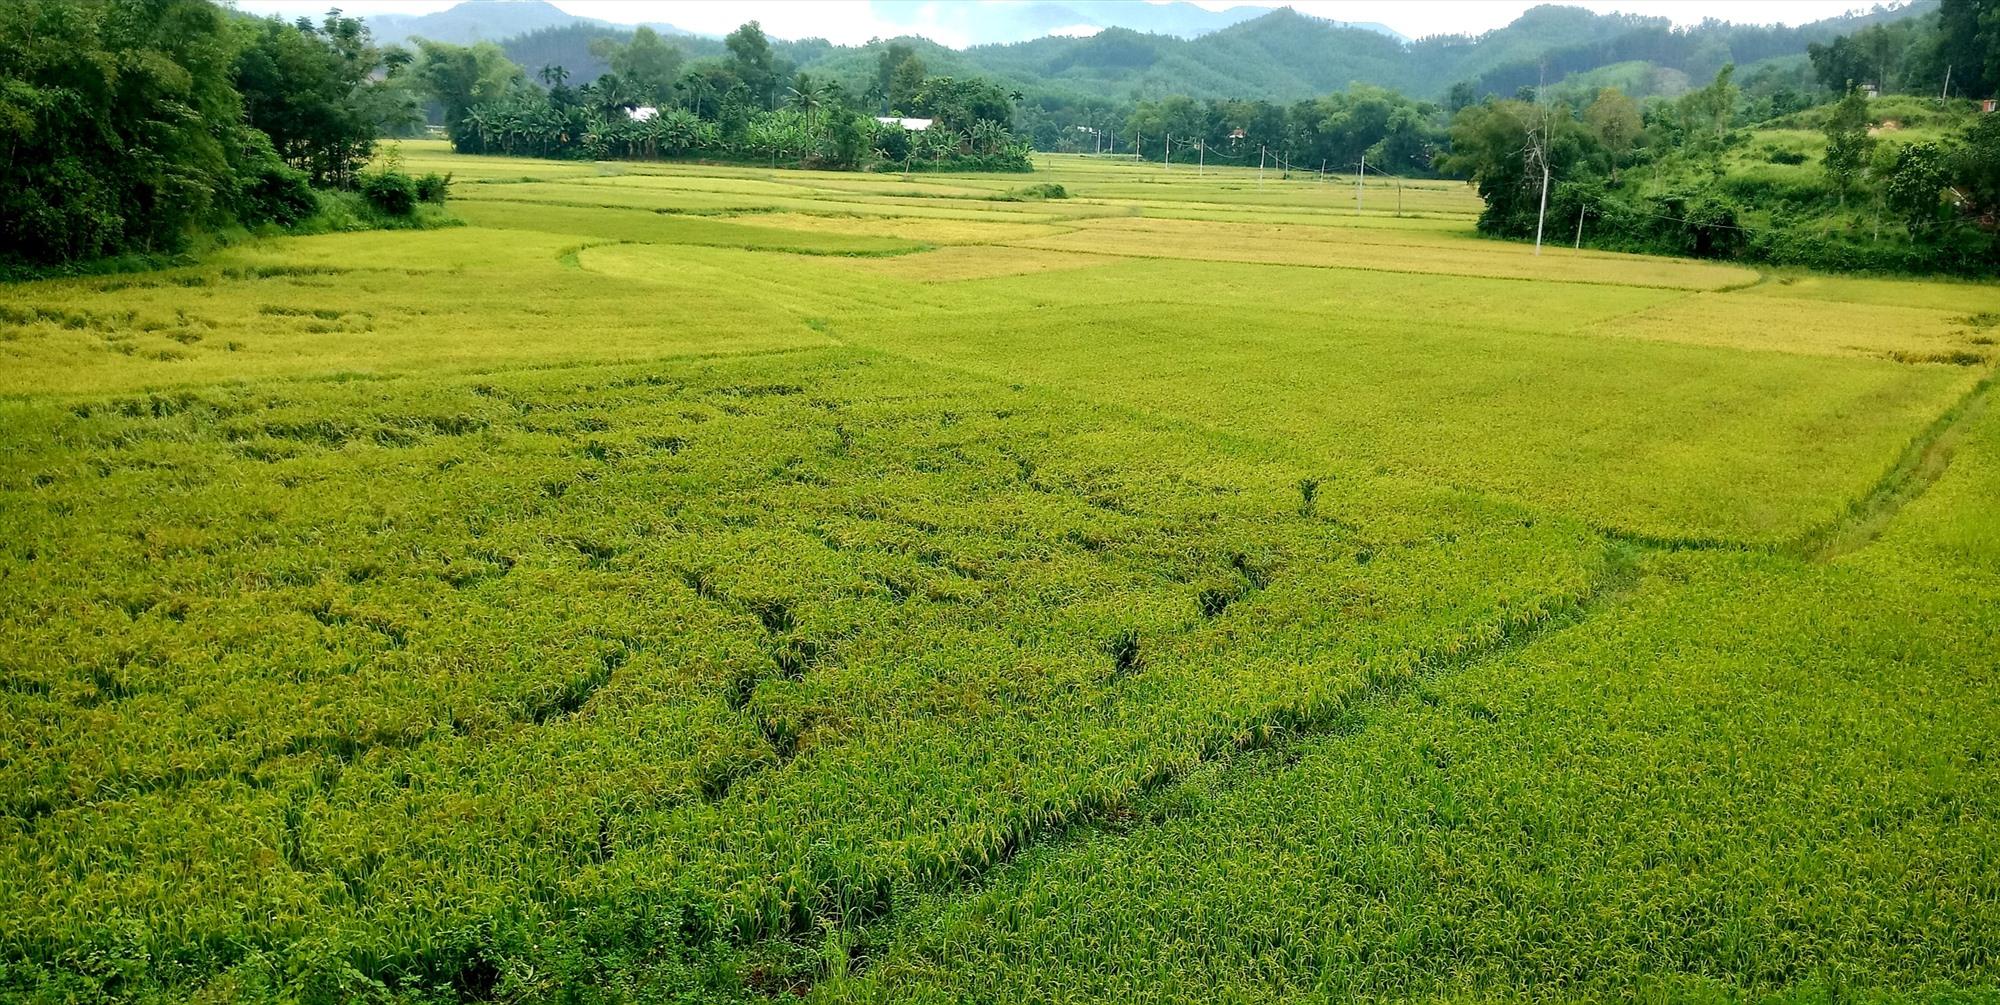 Nhiều diện tích lúa ở xã Quế Trung (Nông Sơn) còn xanh nên chưa thể thu hoạch. Ảnh: V.L